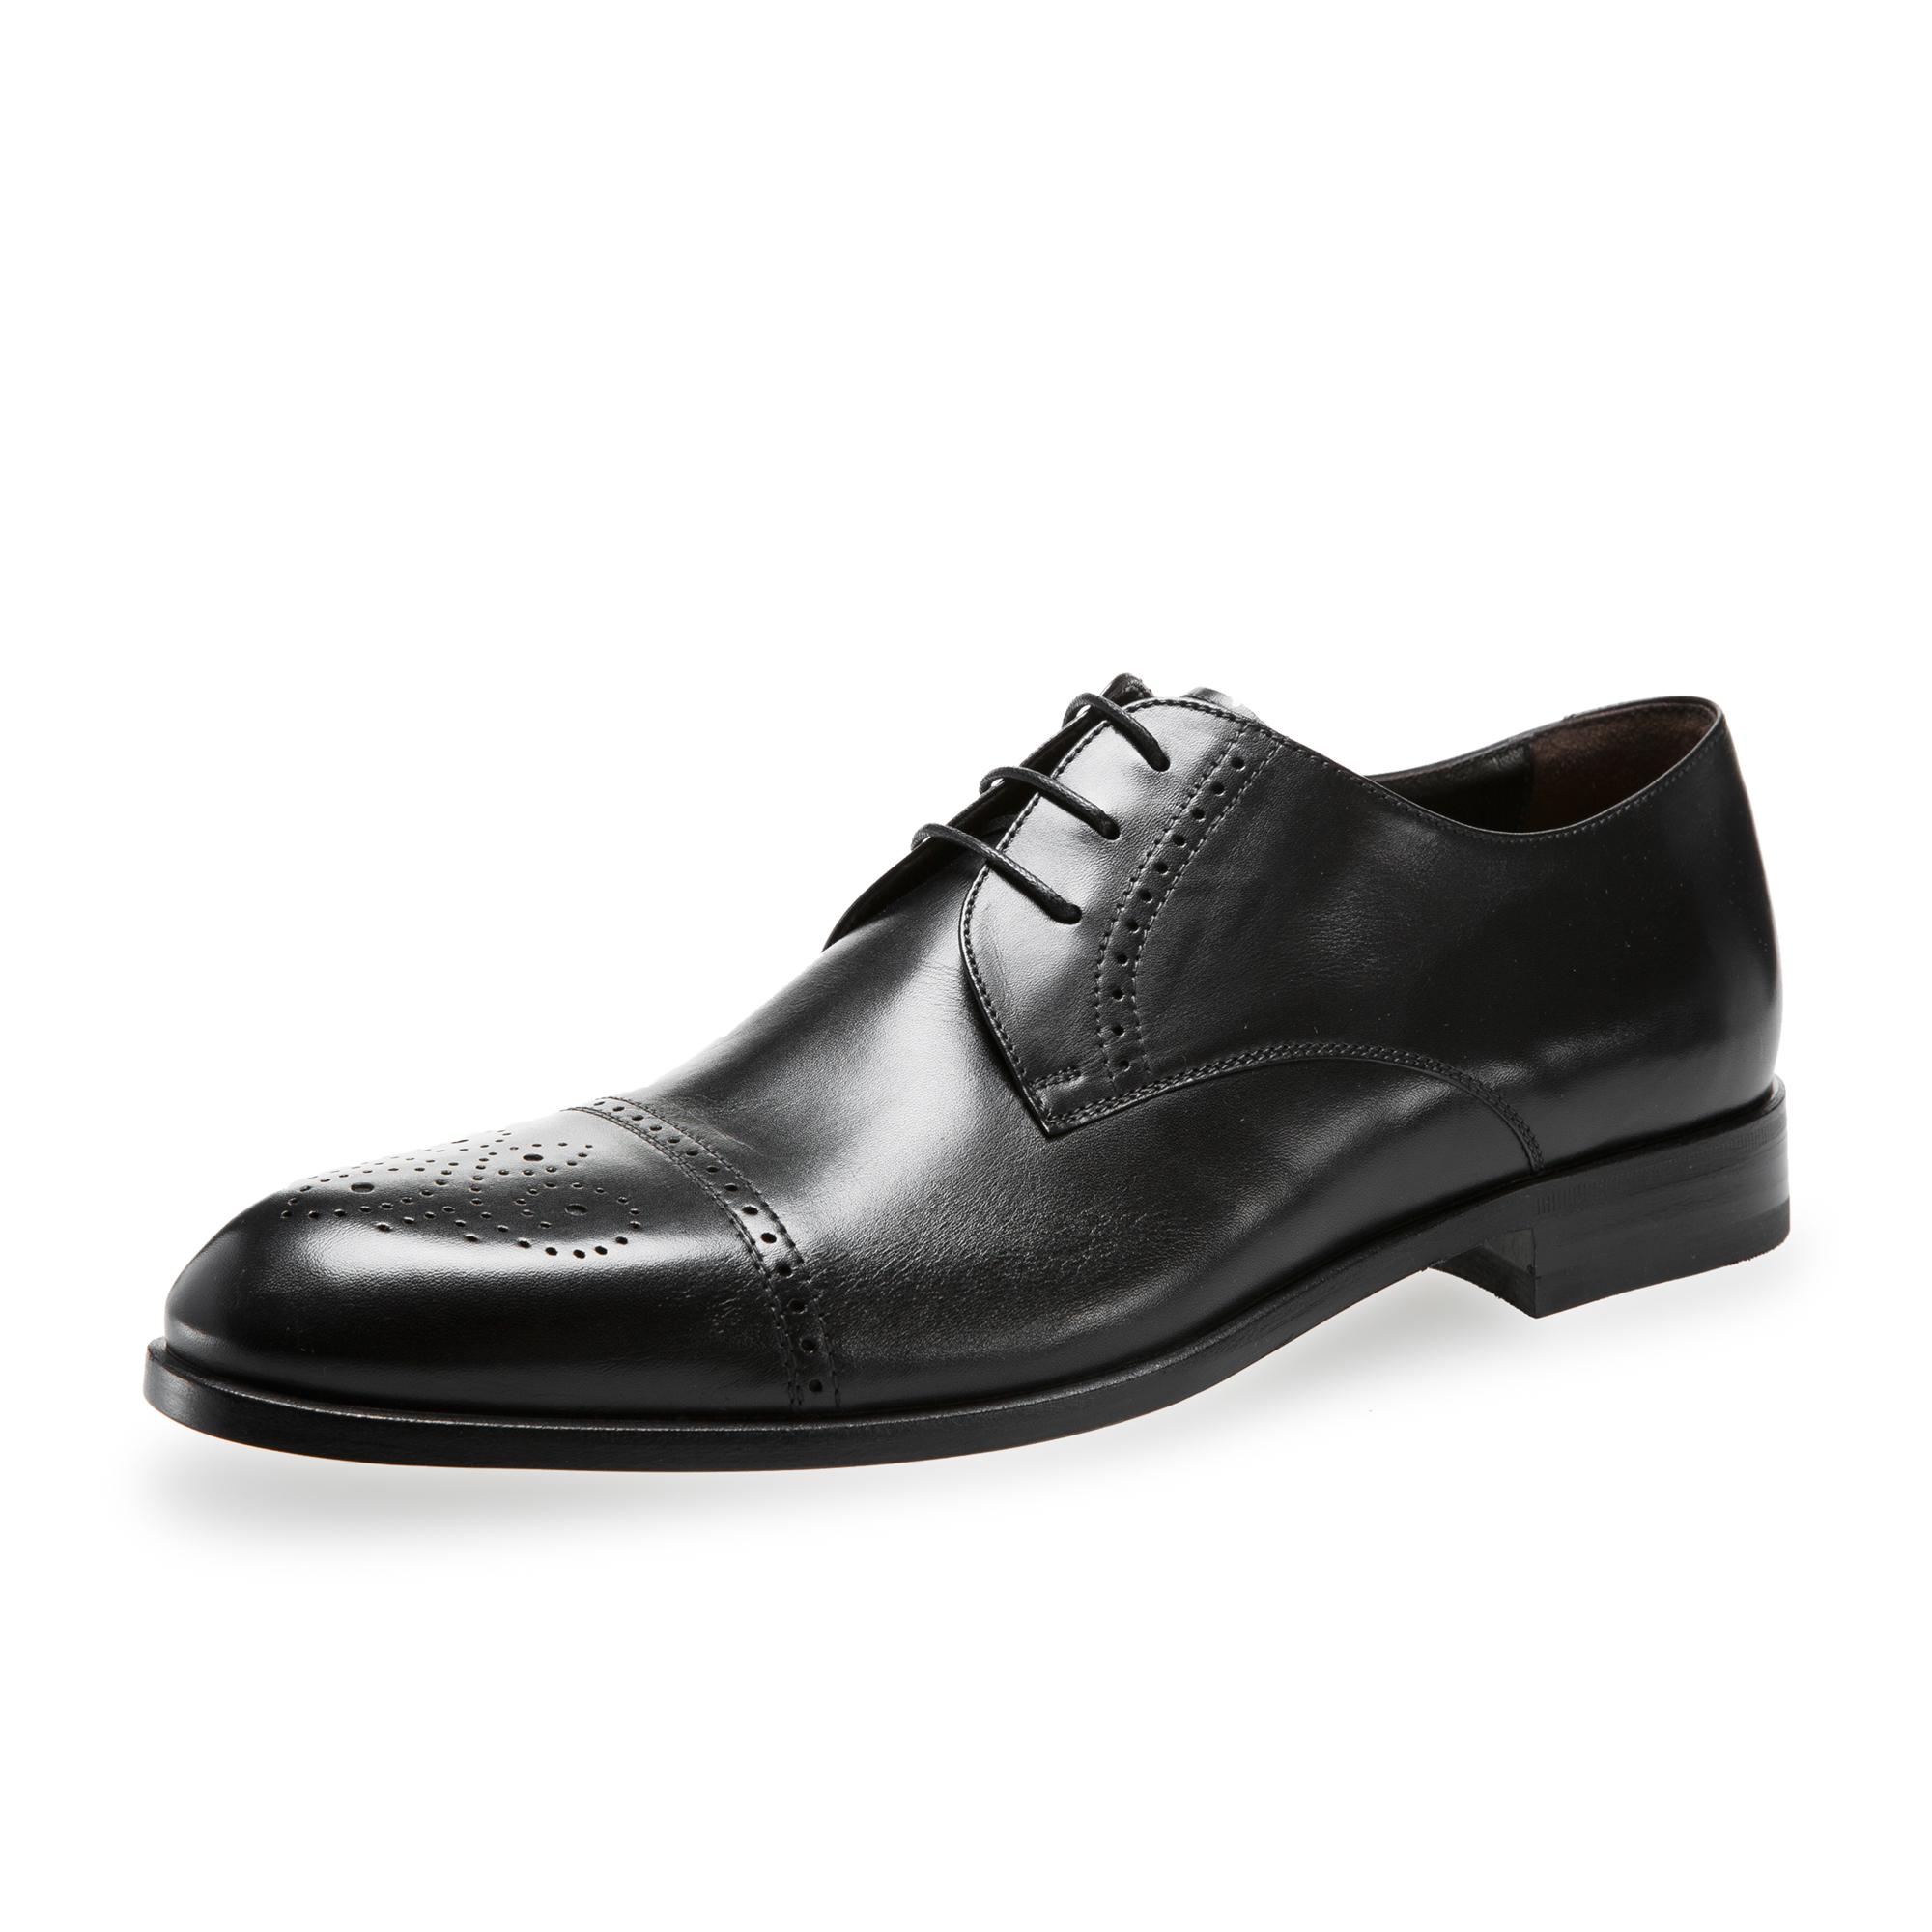 意大利原产germano bellesi带尖头包皮牛皮鞋男士皮鞋768 黑色 41